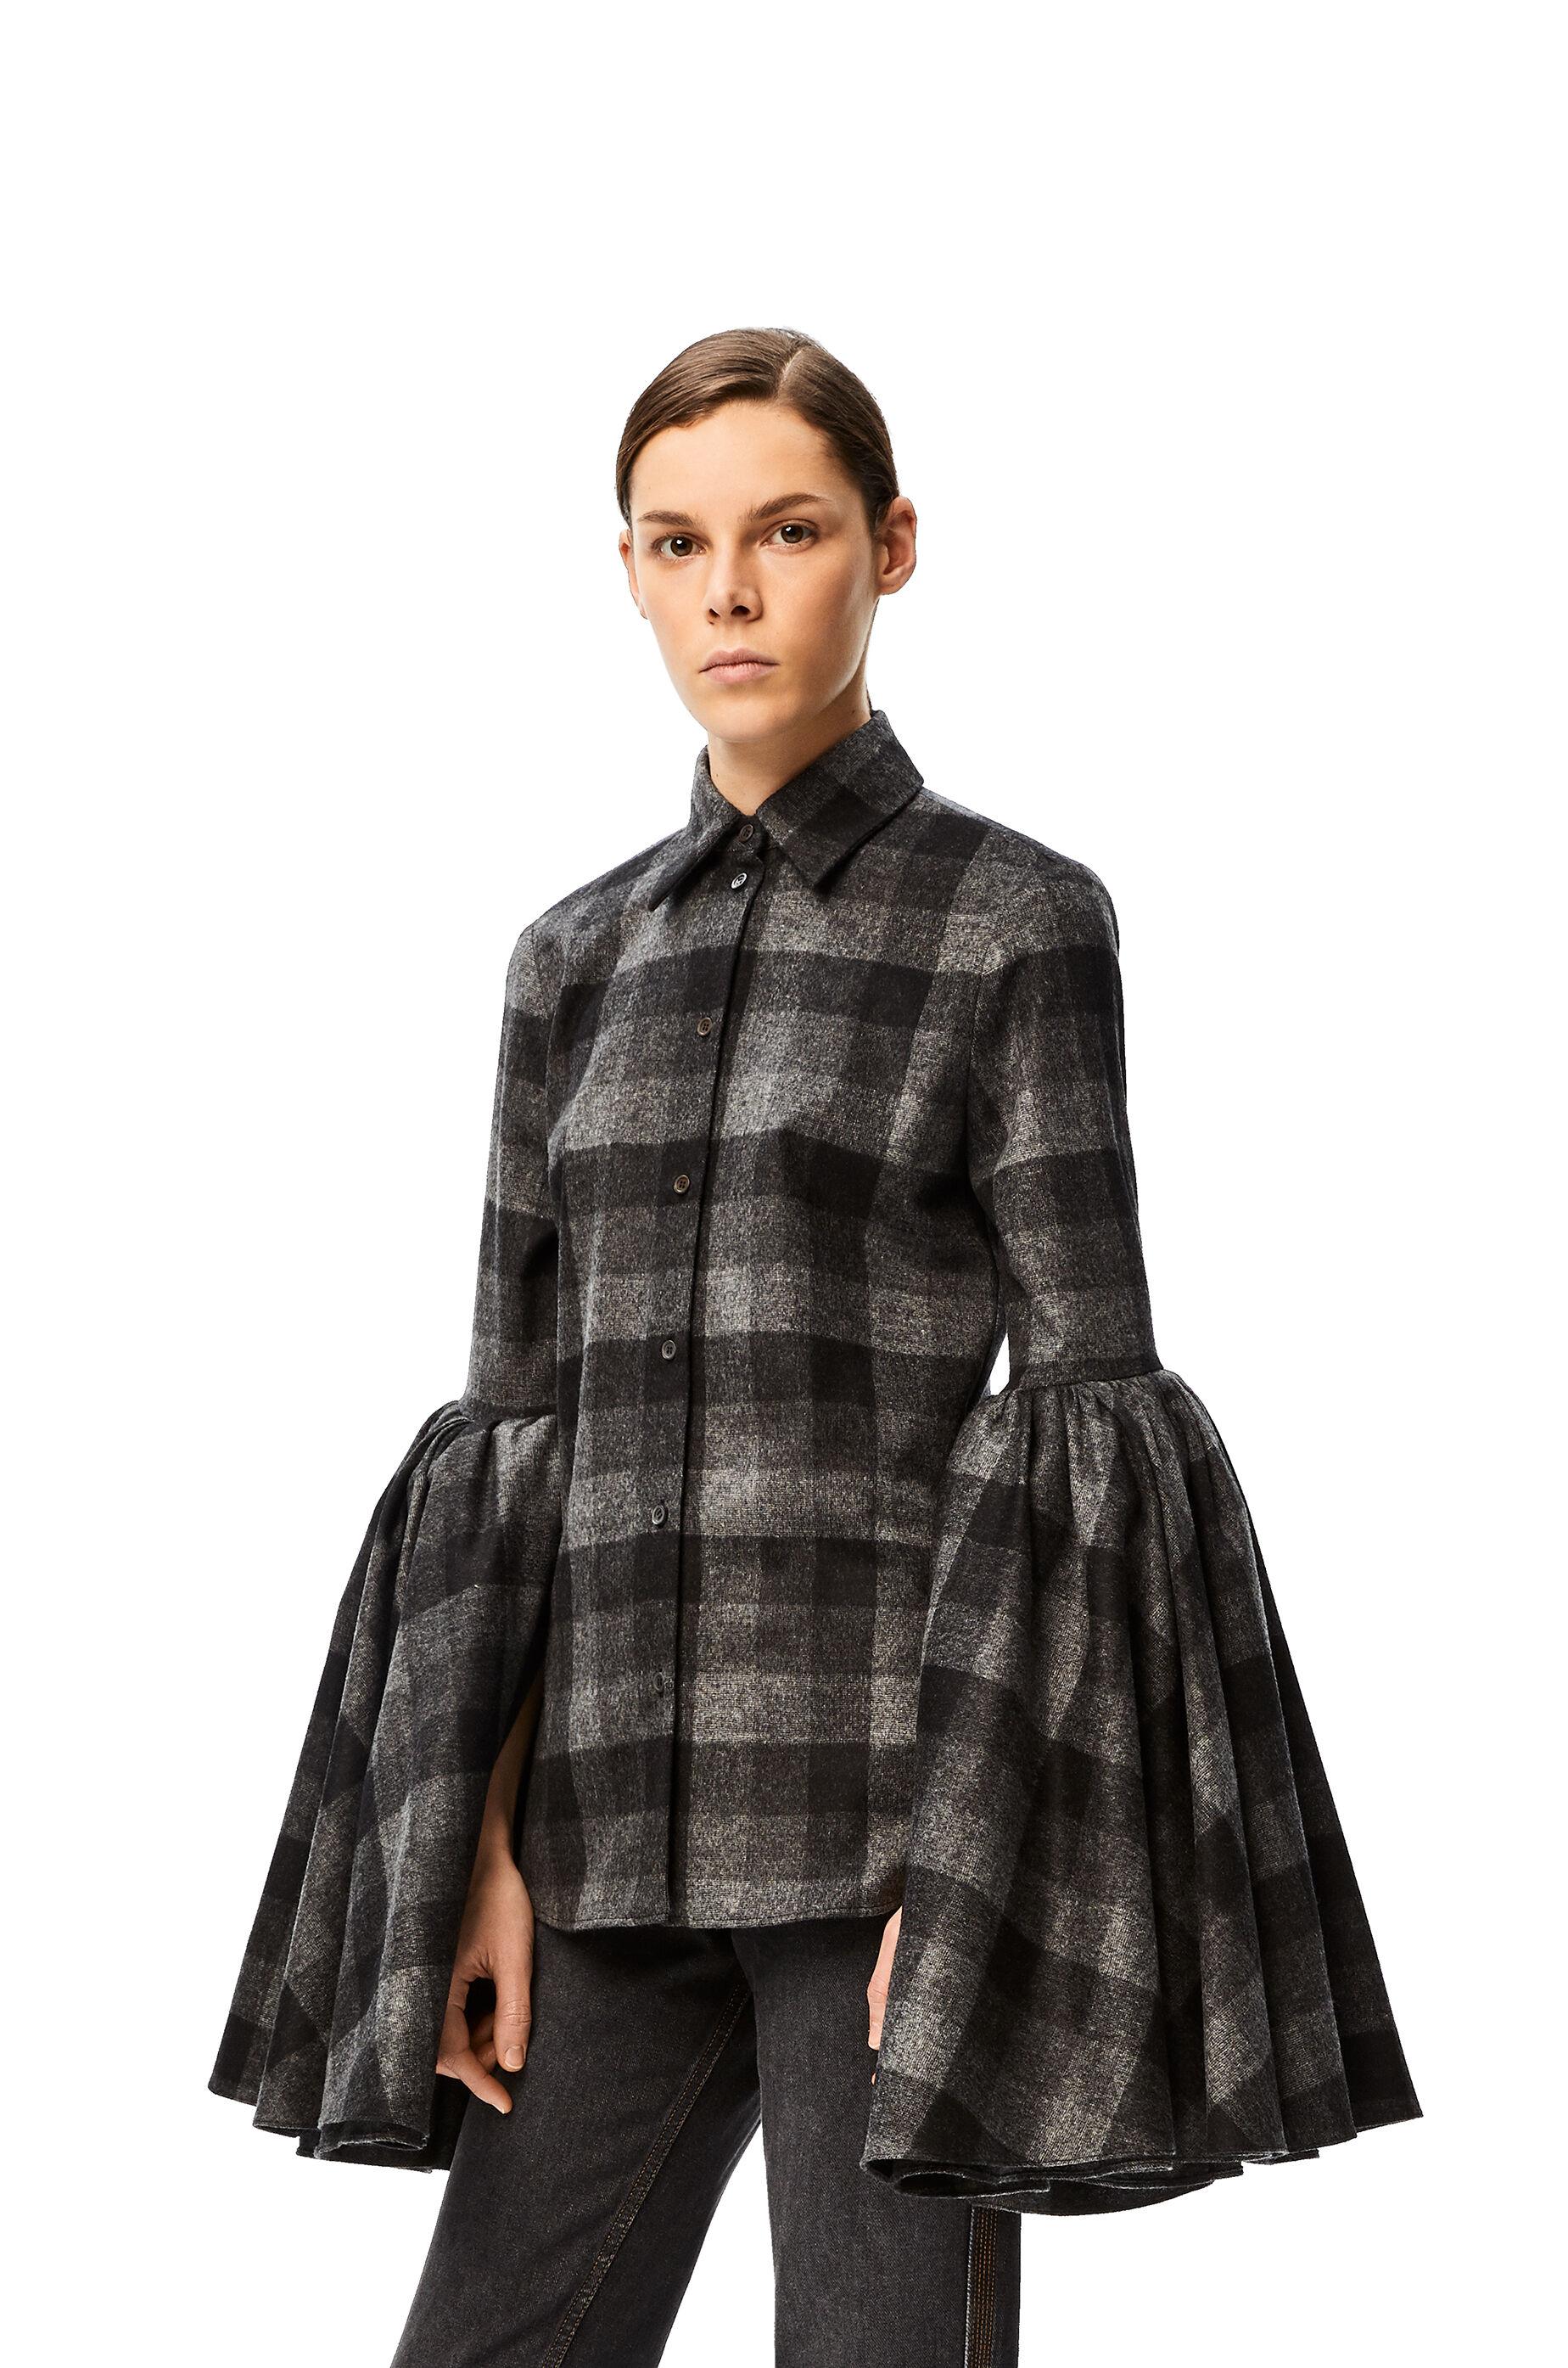 Bell sleeve shirt in check wool 黑色/灰色 - LOEWE